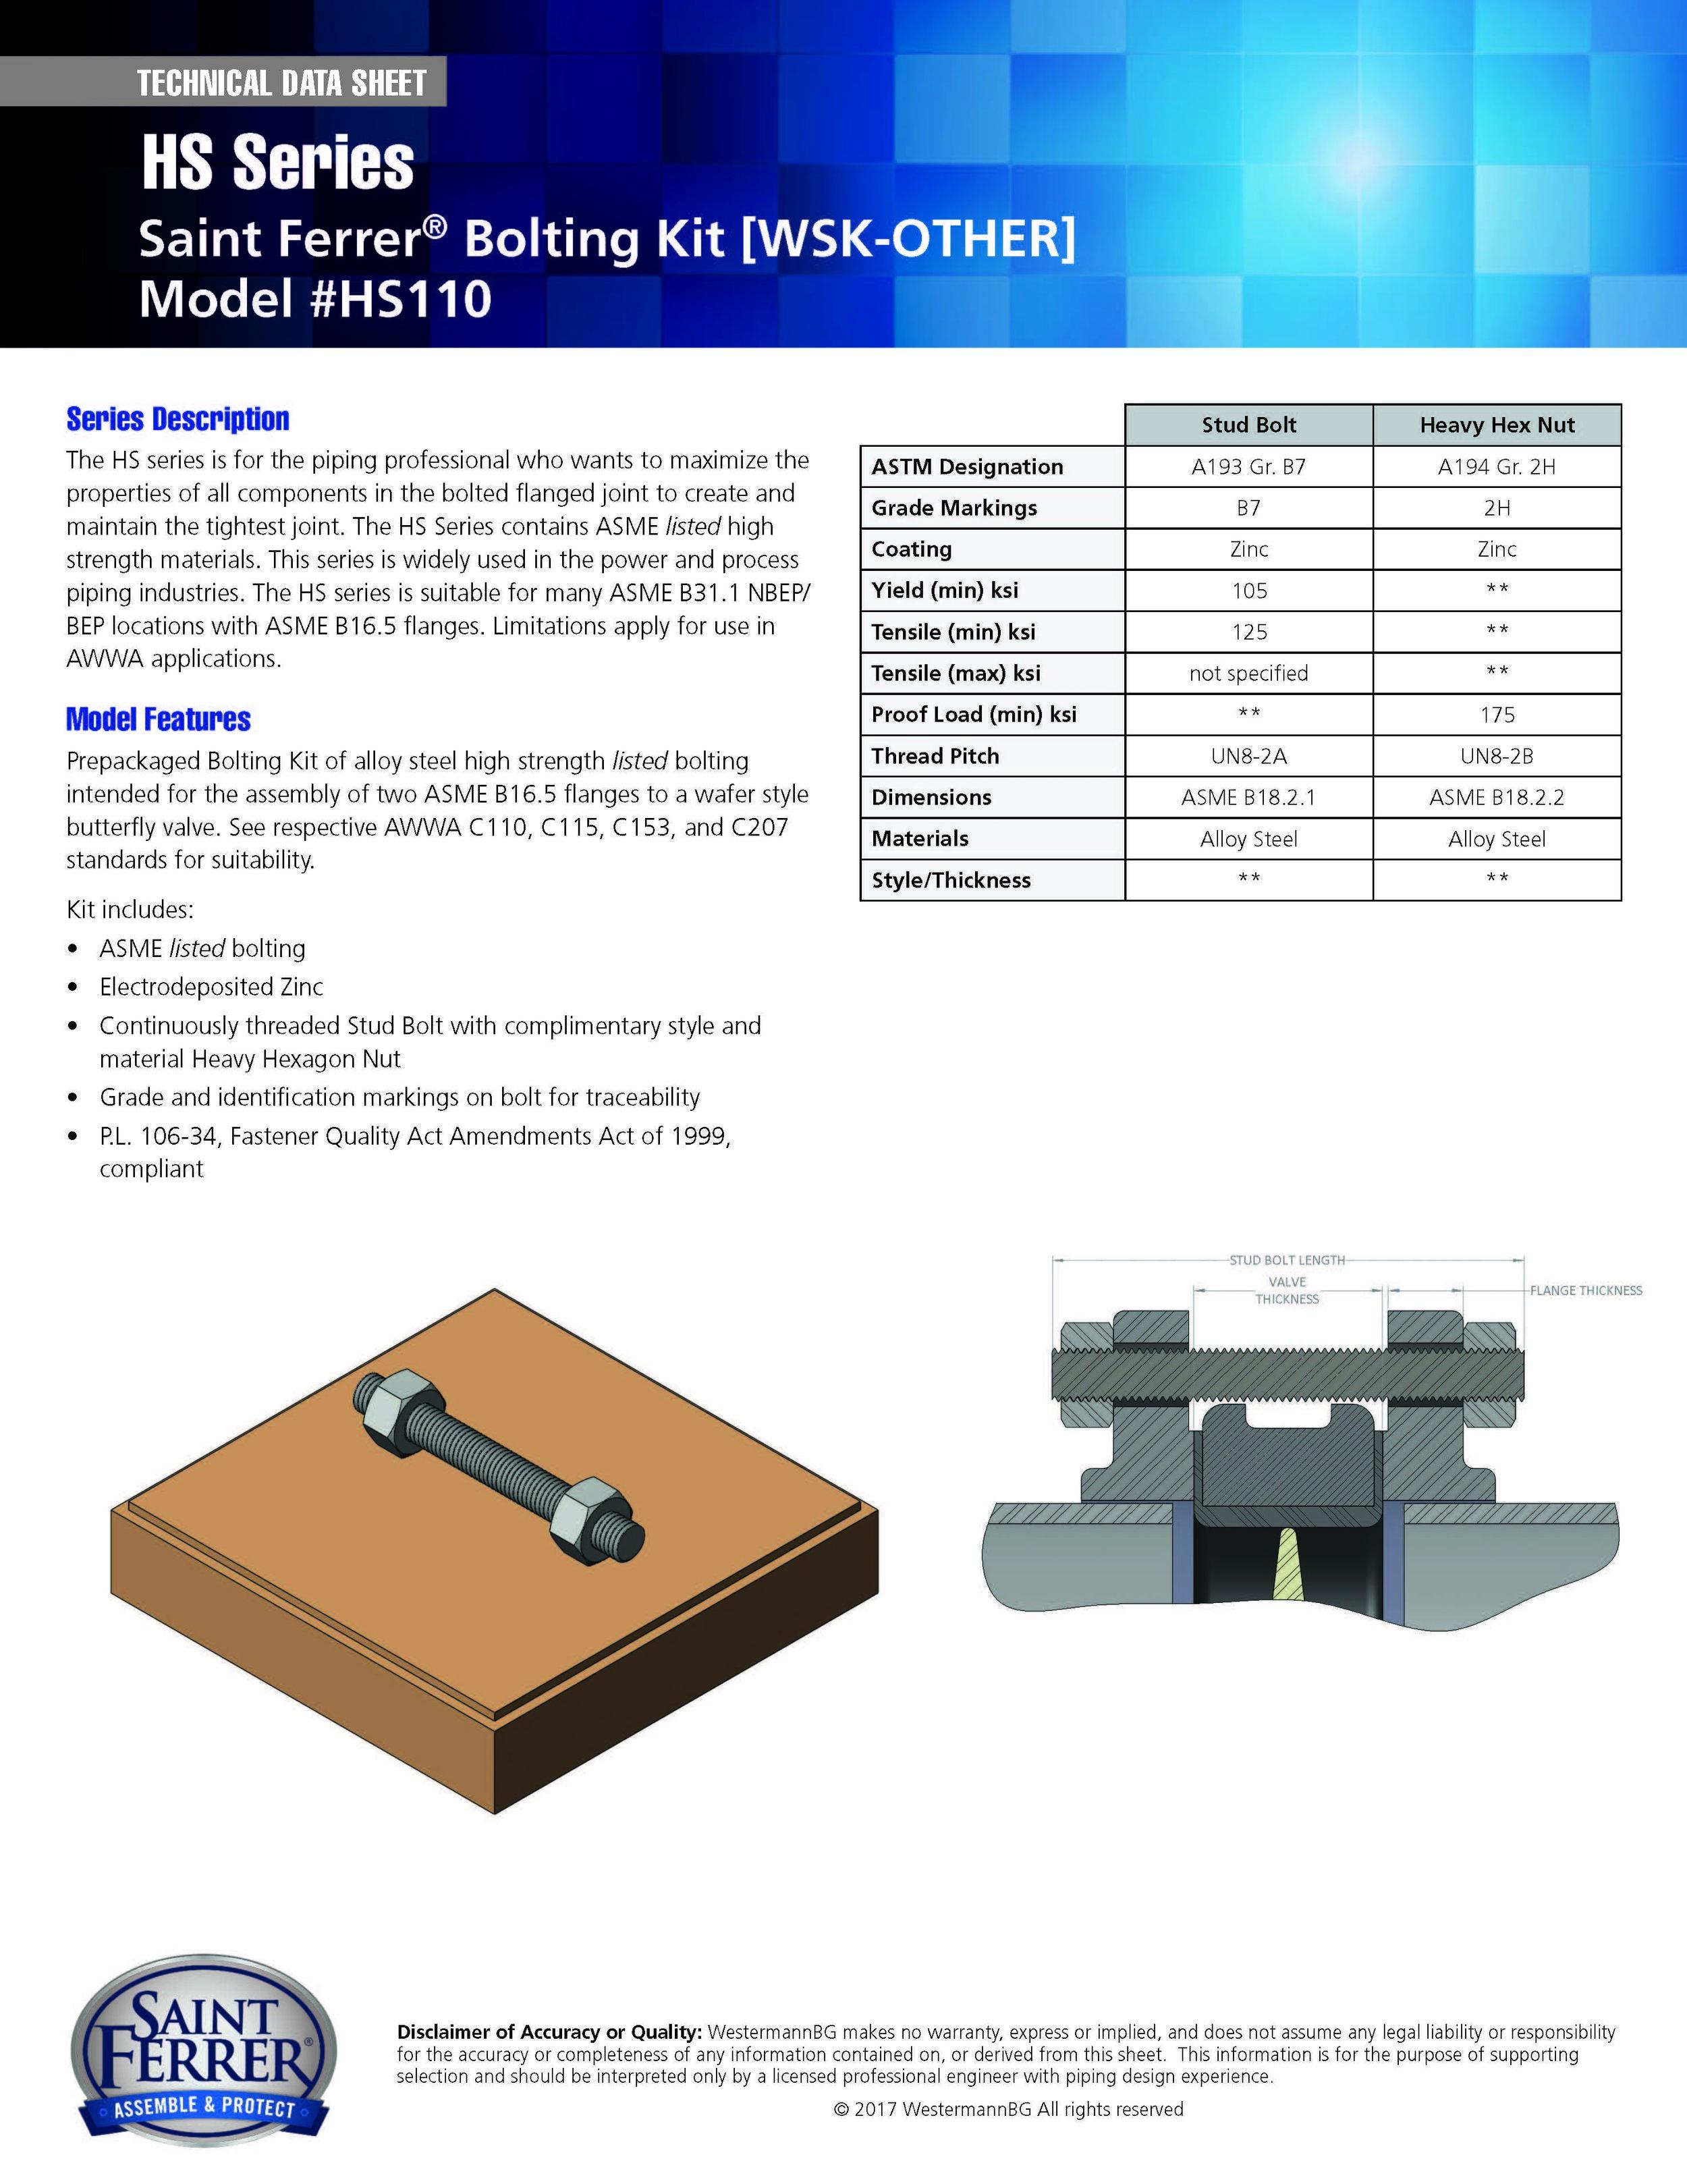 SF_Data_Sheet_HS_Series_HS110.jpg